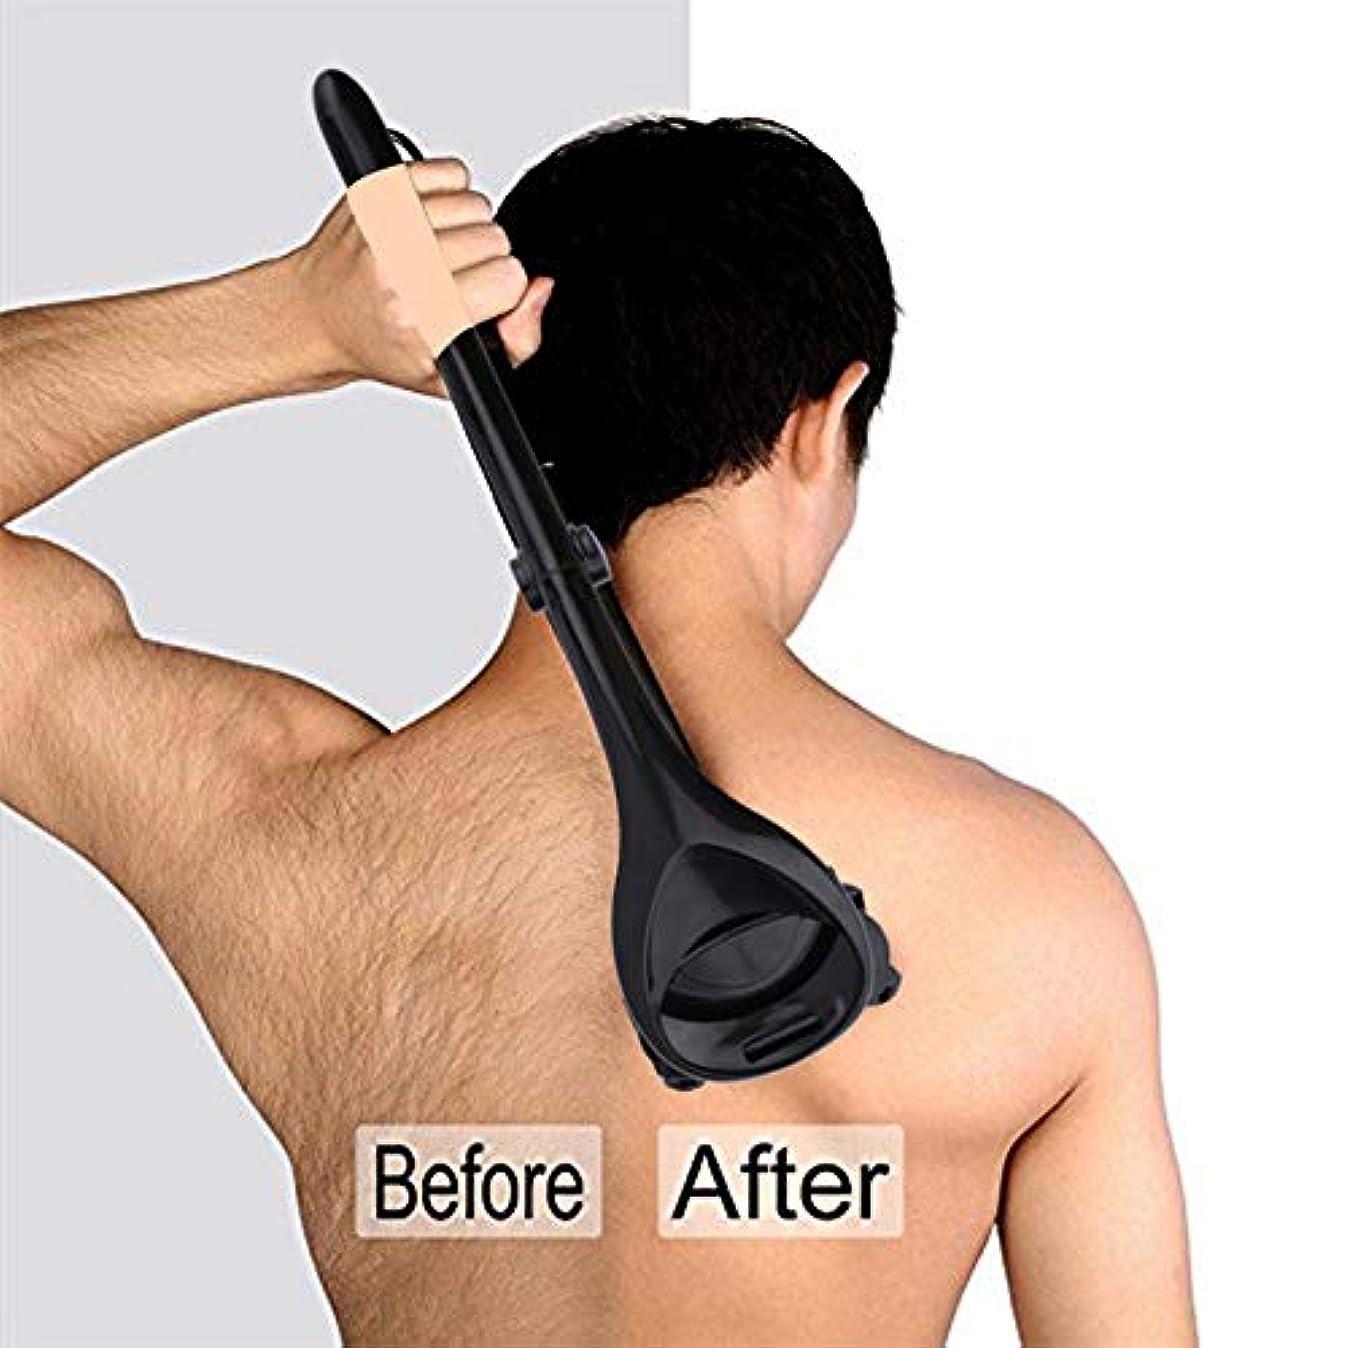 病者ブラケット実際脱毛器、背部脱毛器コードレス脱毛器脱毛用シェーバー